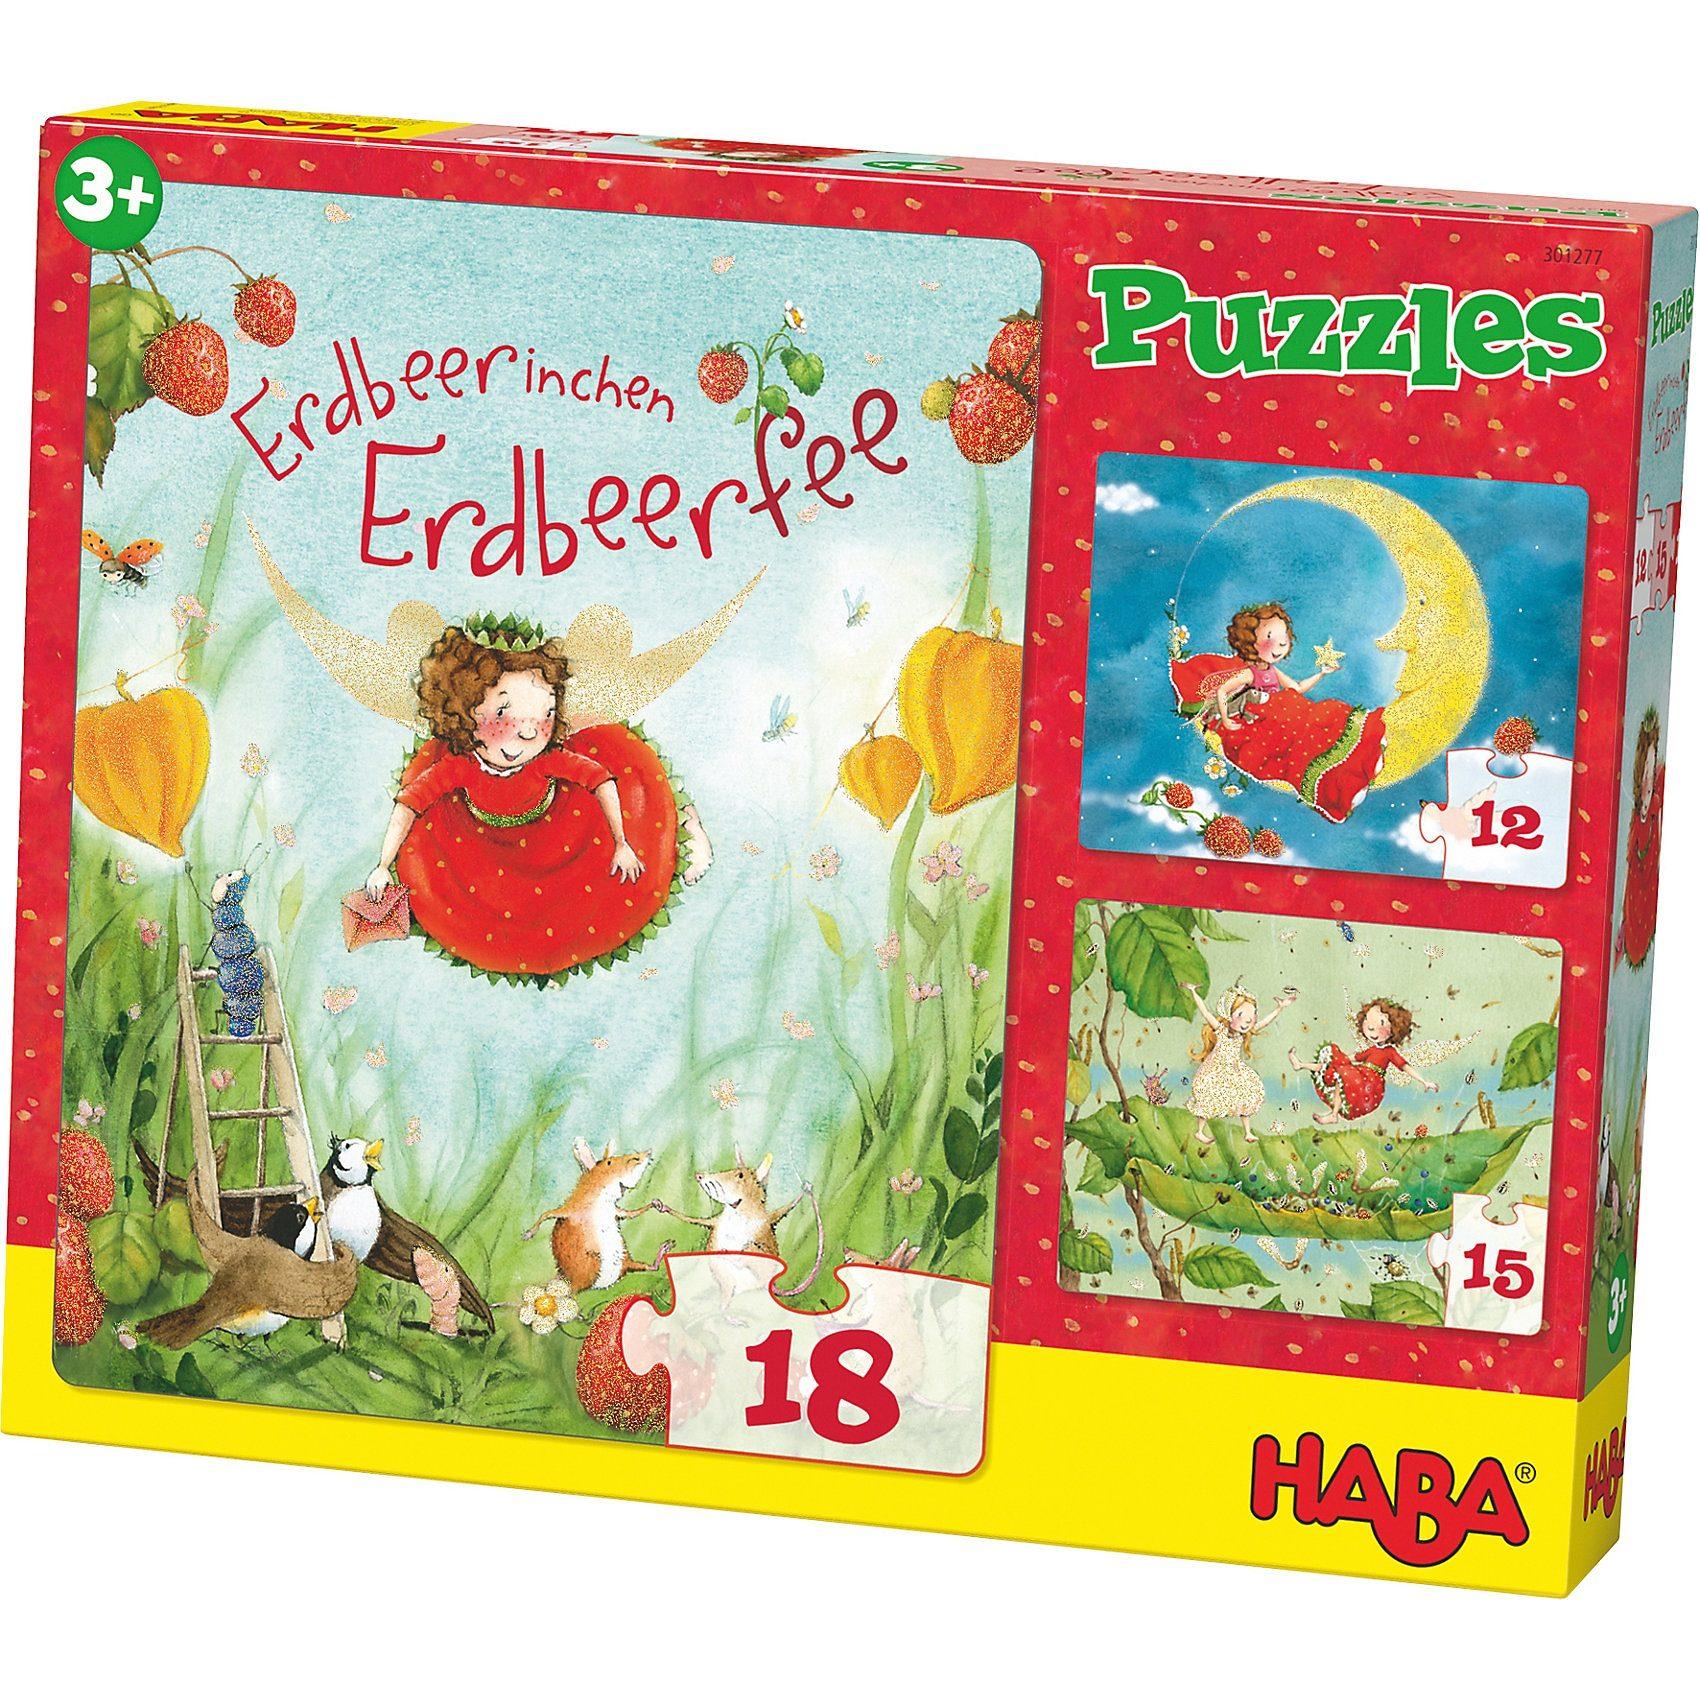 Haba 3 in 1 Puzzle-Set Erdbeerinchen Erdbeerfee